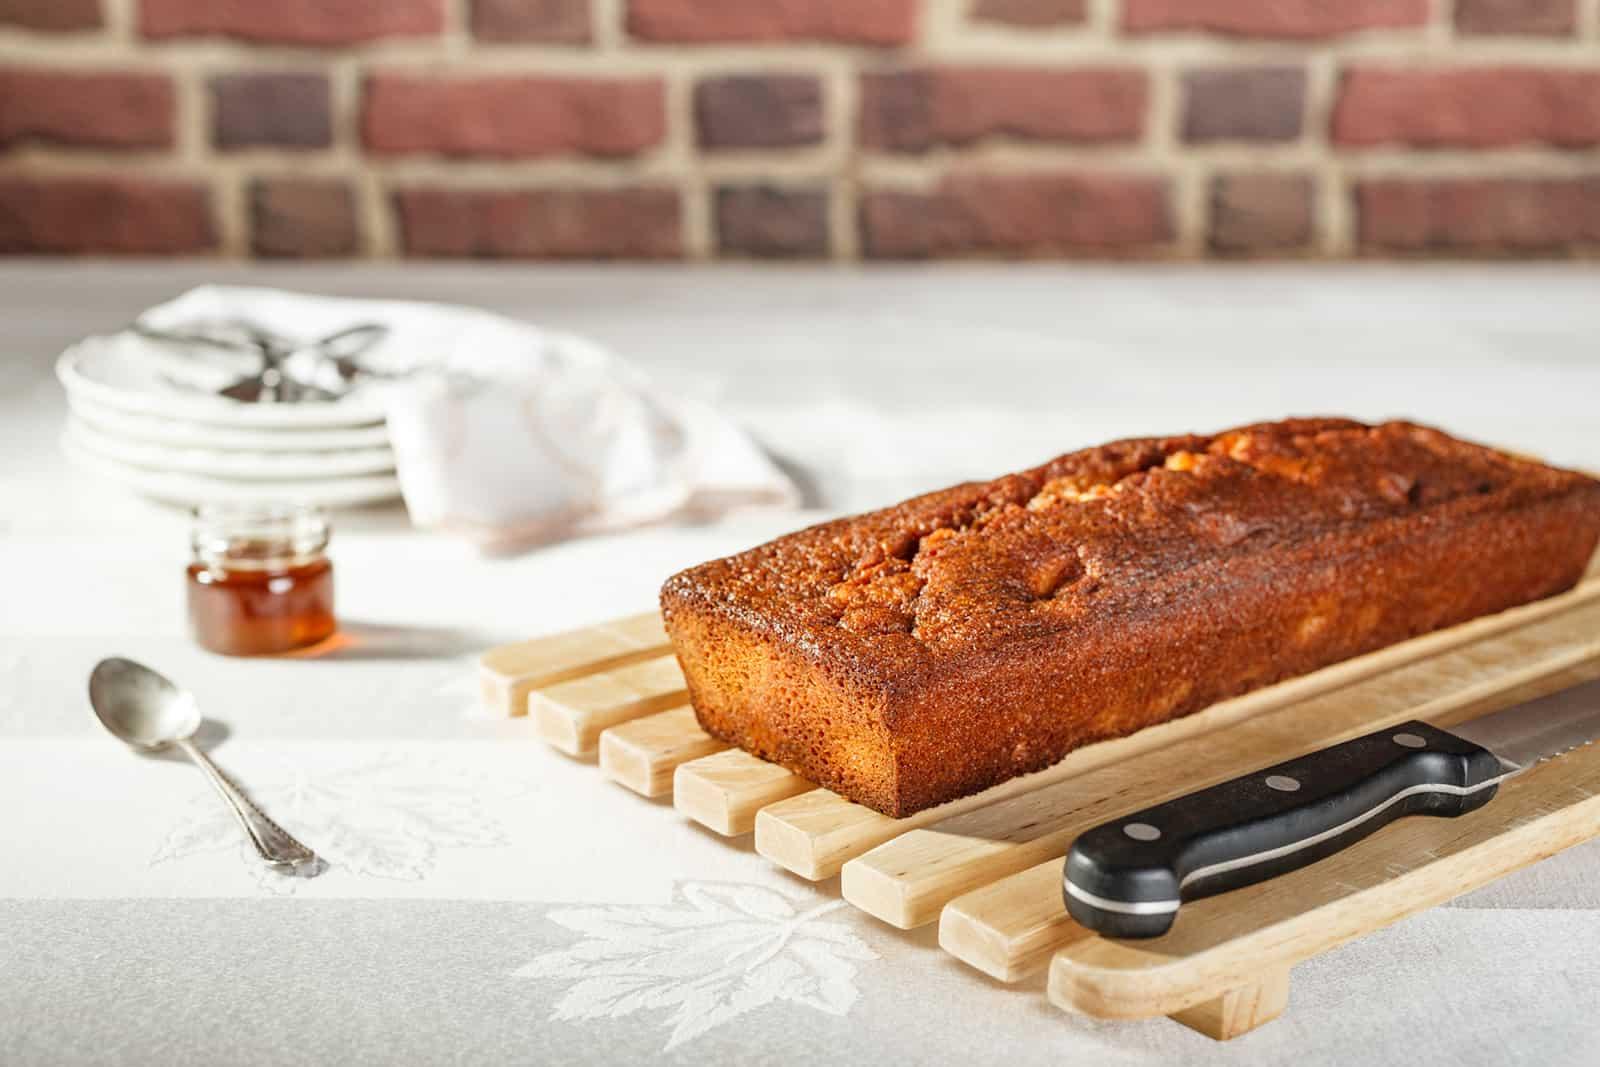 עוגות דבש תשבי 2017. דני גולן (1)